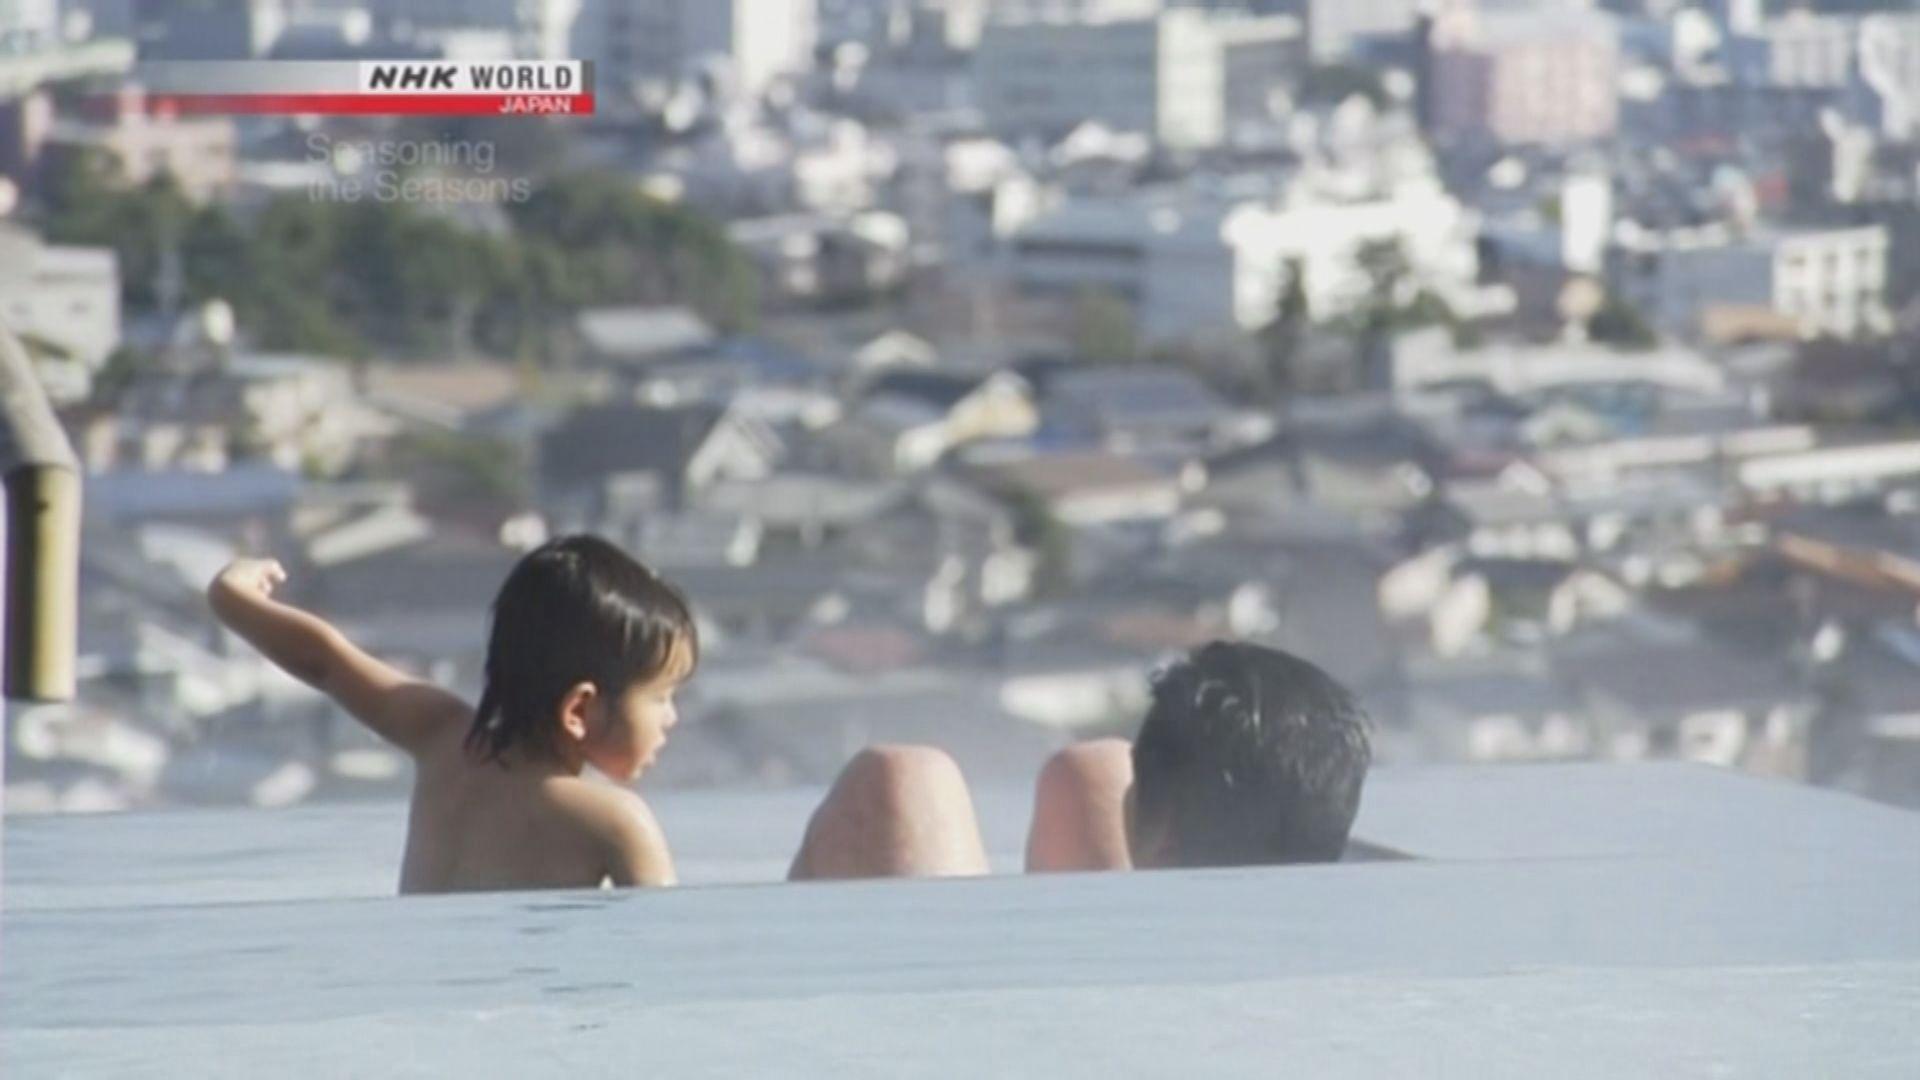 日本溫泉住宿及消費稅加重遊客負擔